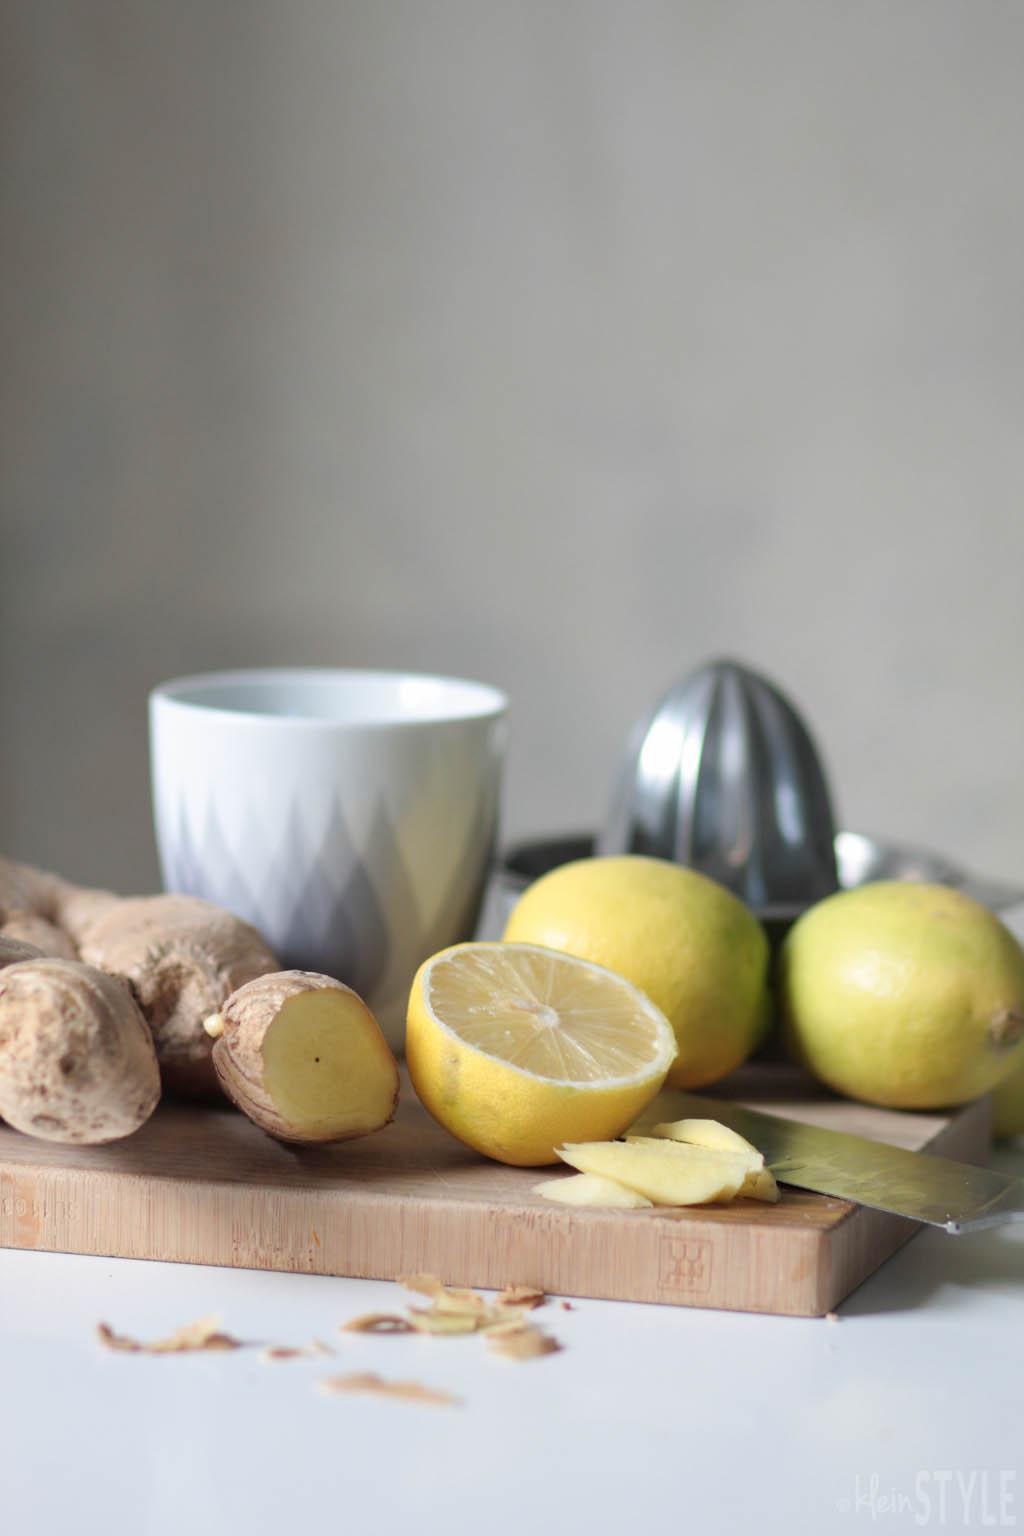 Fastenzeit clean eating Challenge zitronene ingwer tee by kleinstyle.com